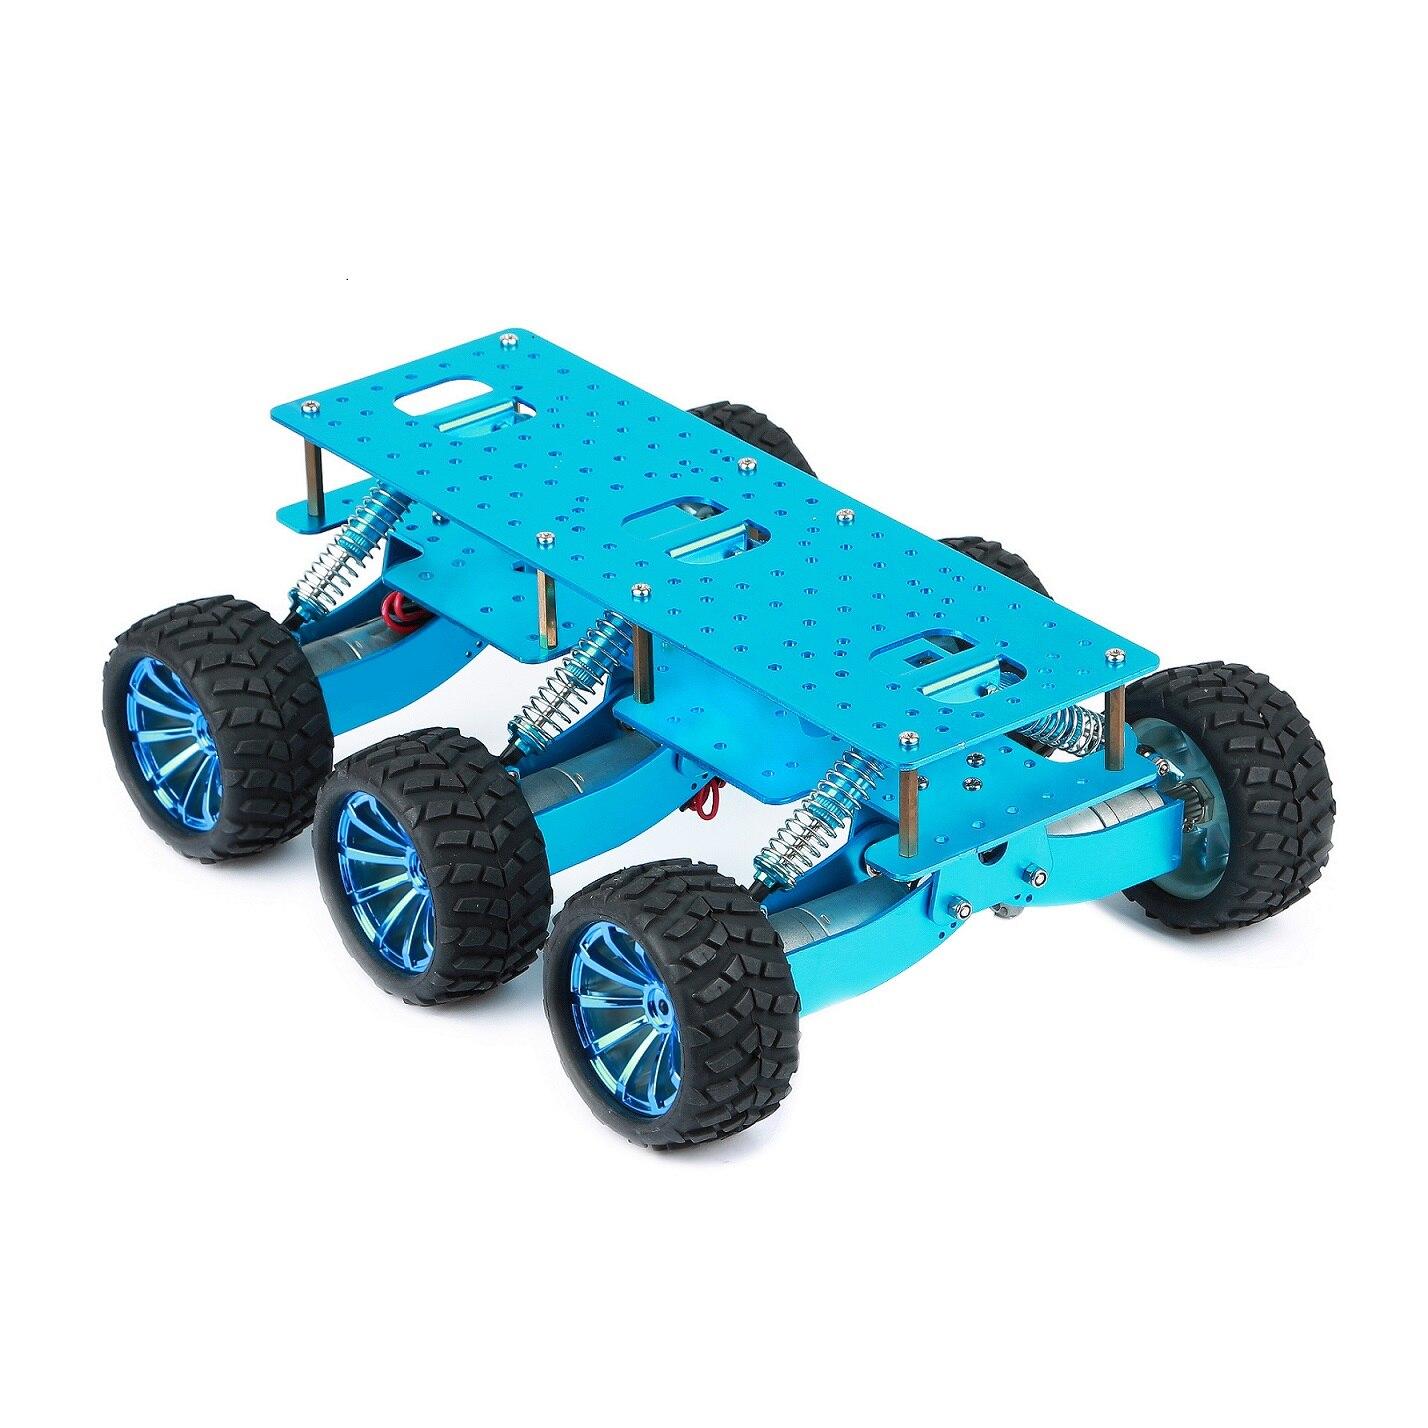 6WD plate forme de recherche et de sauvetage châssis de voiture intelligente choc escalade tout terrain pour Arduino Raspberry Pie WIFI système - 5